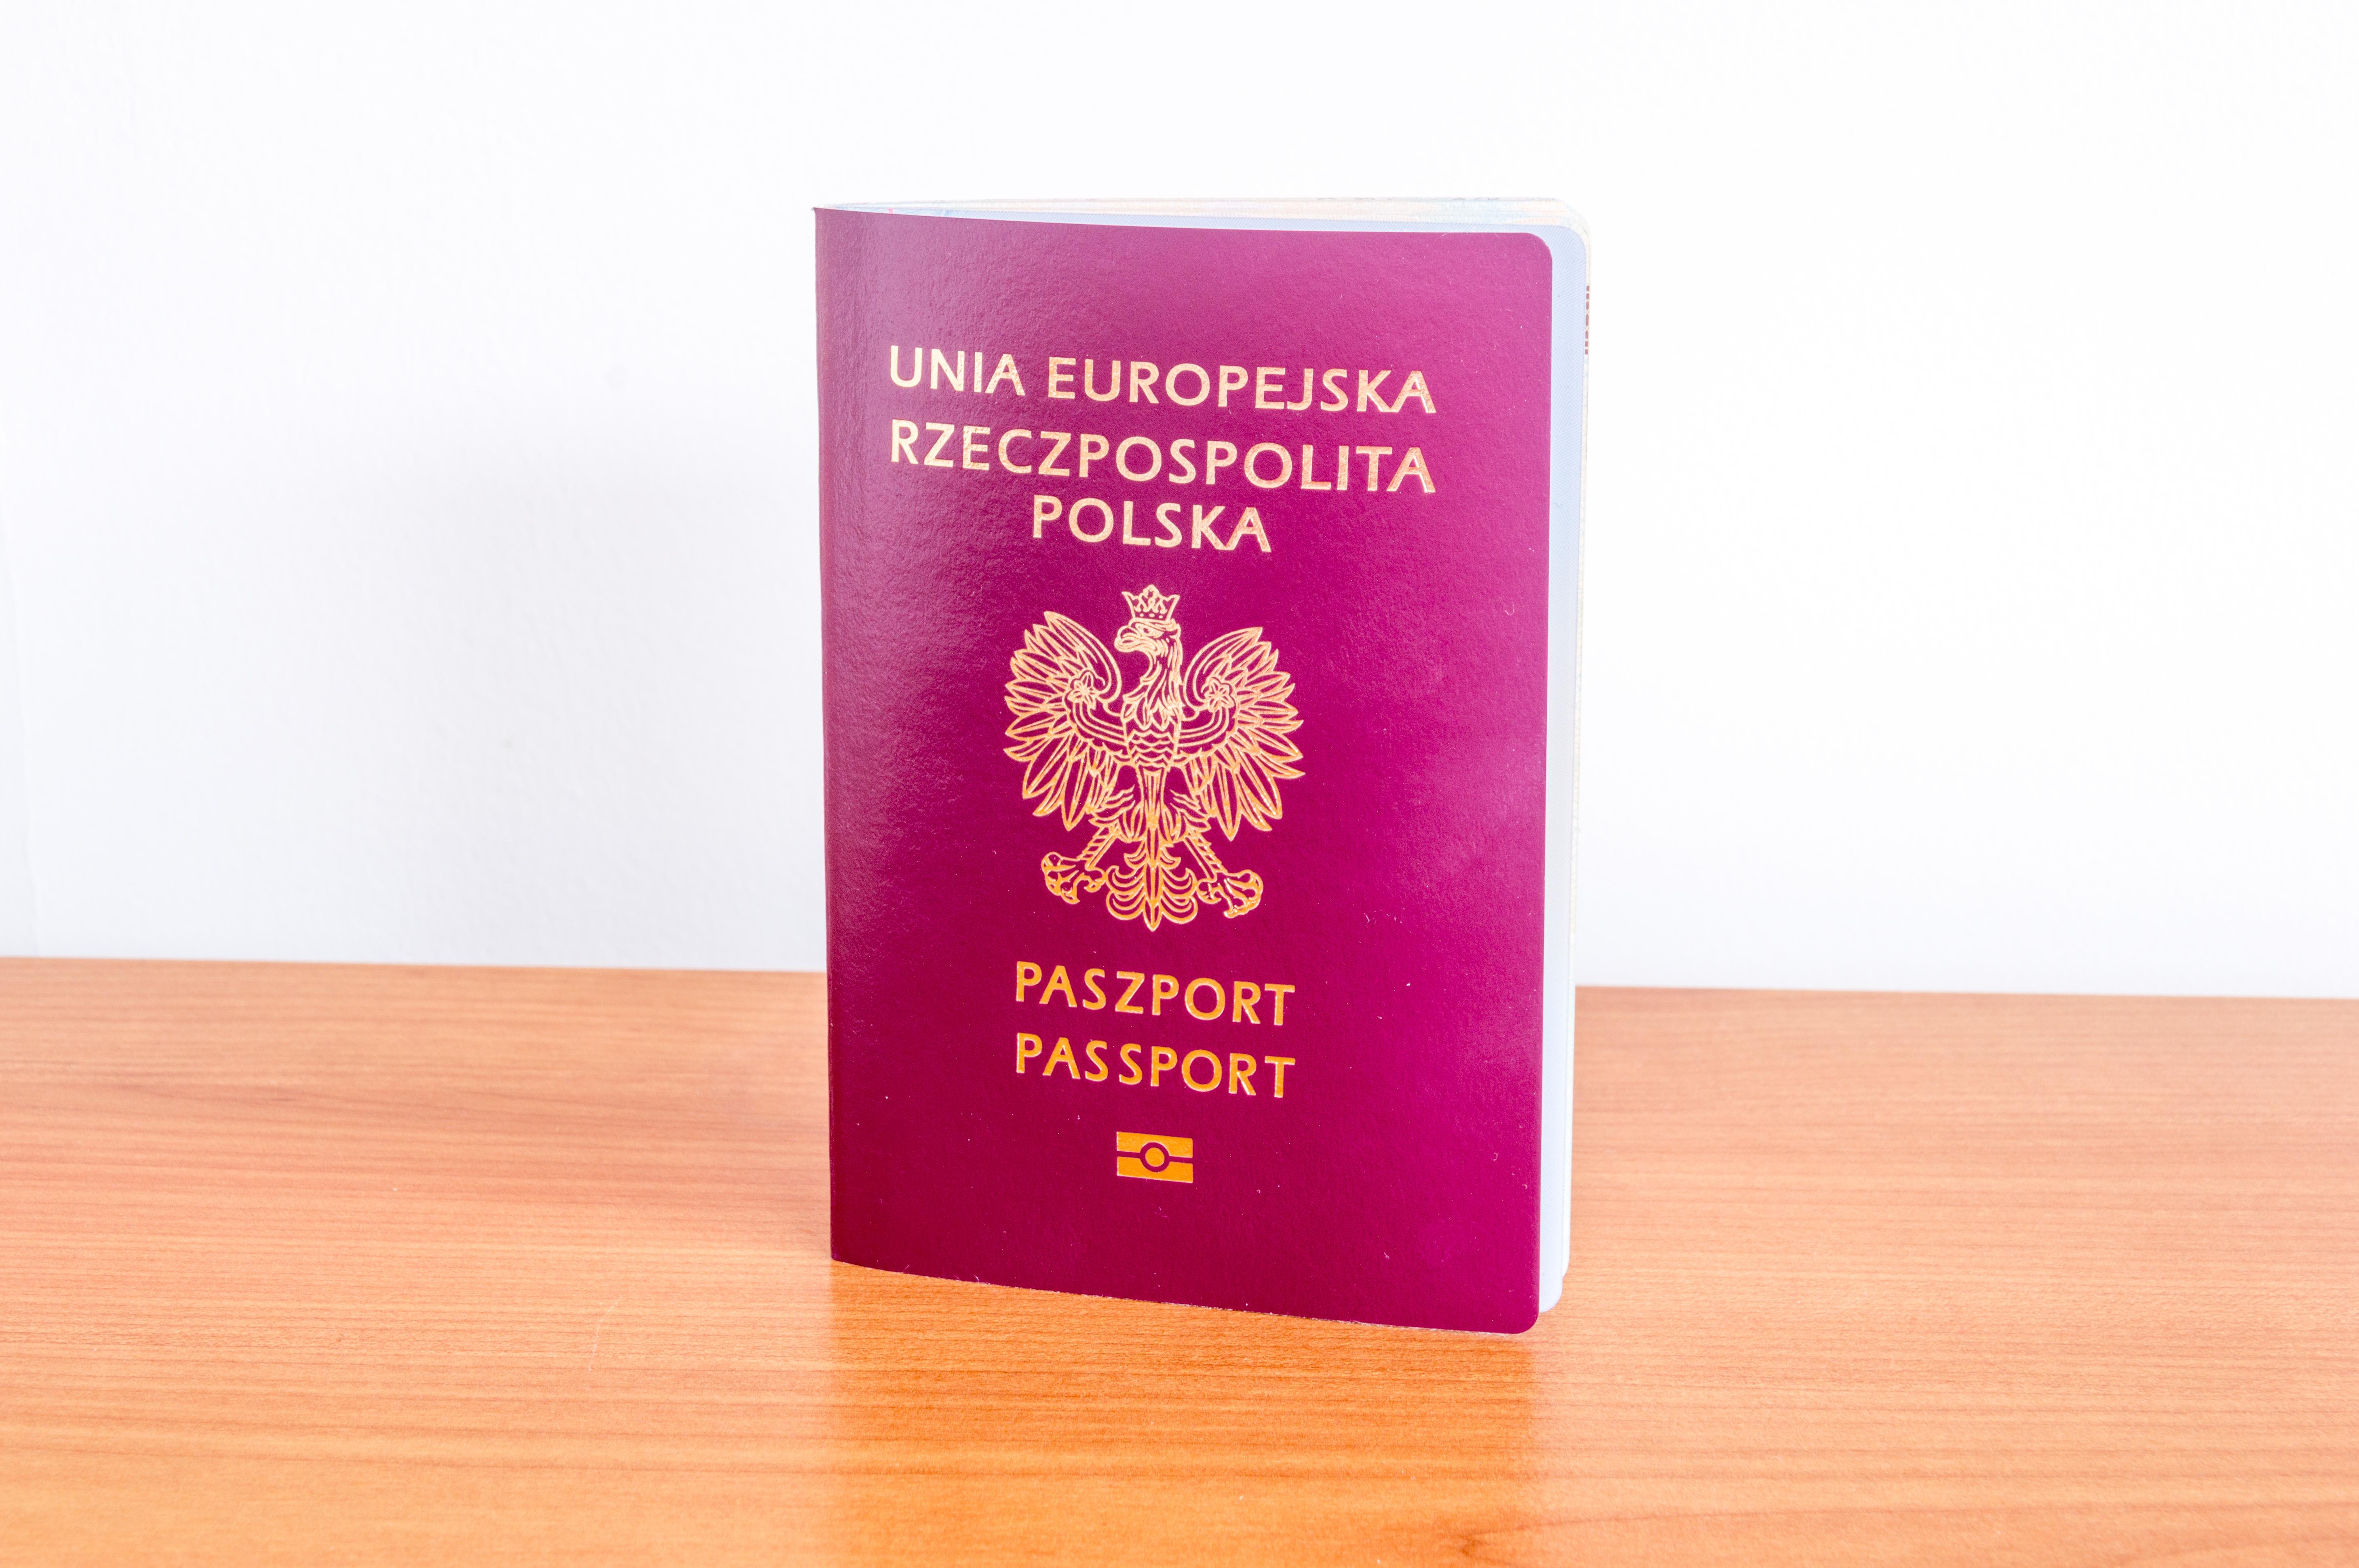 Польский паспорт, который могут получить россияне